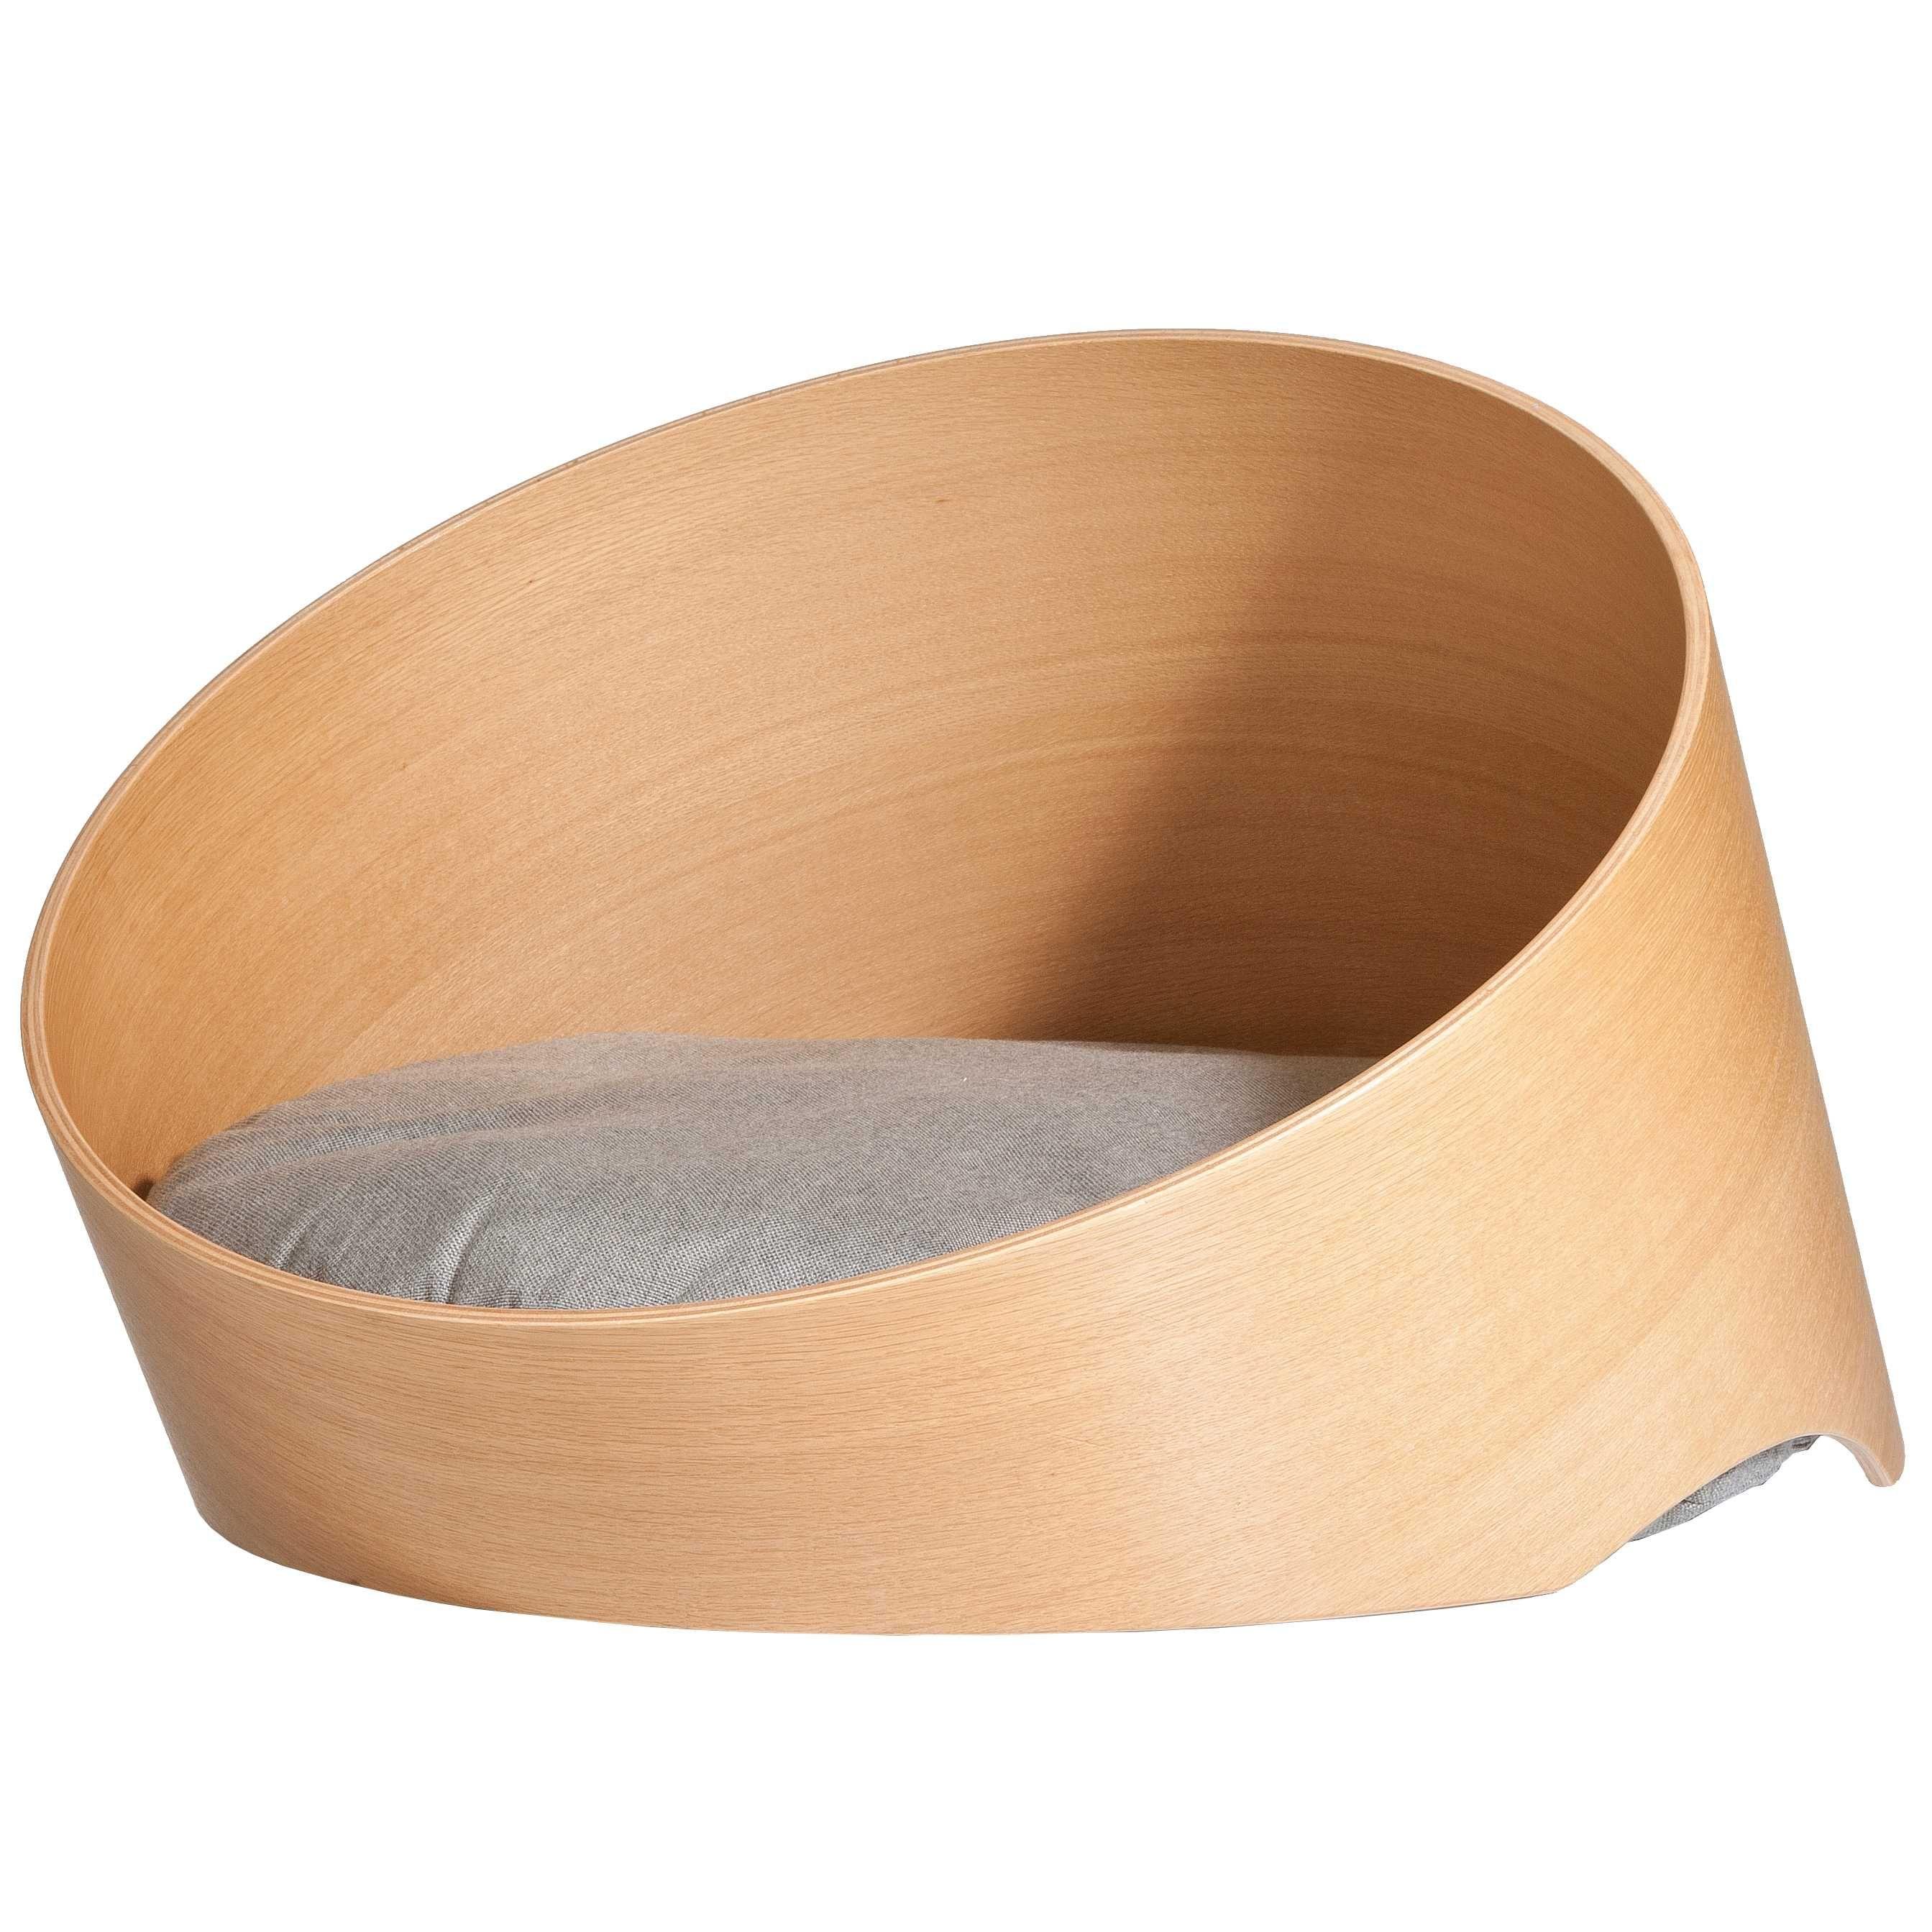 MiaCara Covo hondenmand oak/sand kopen